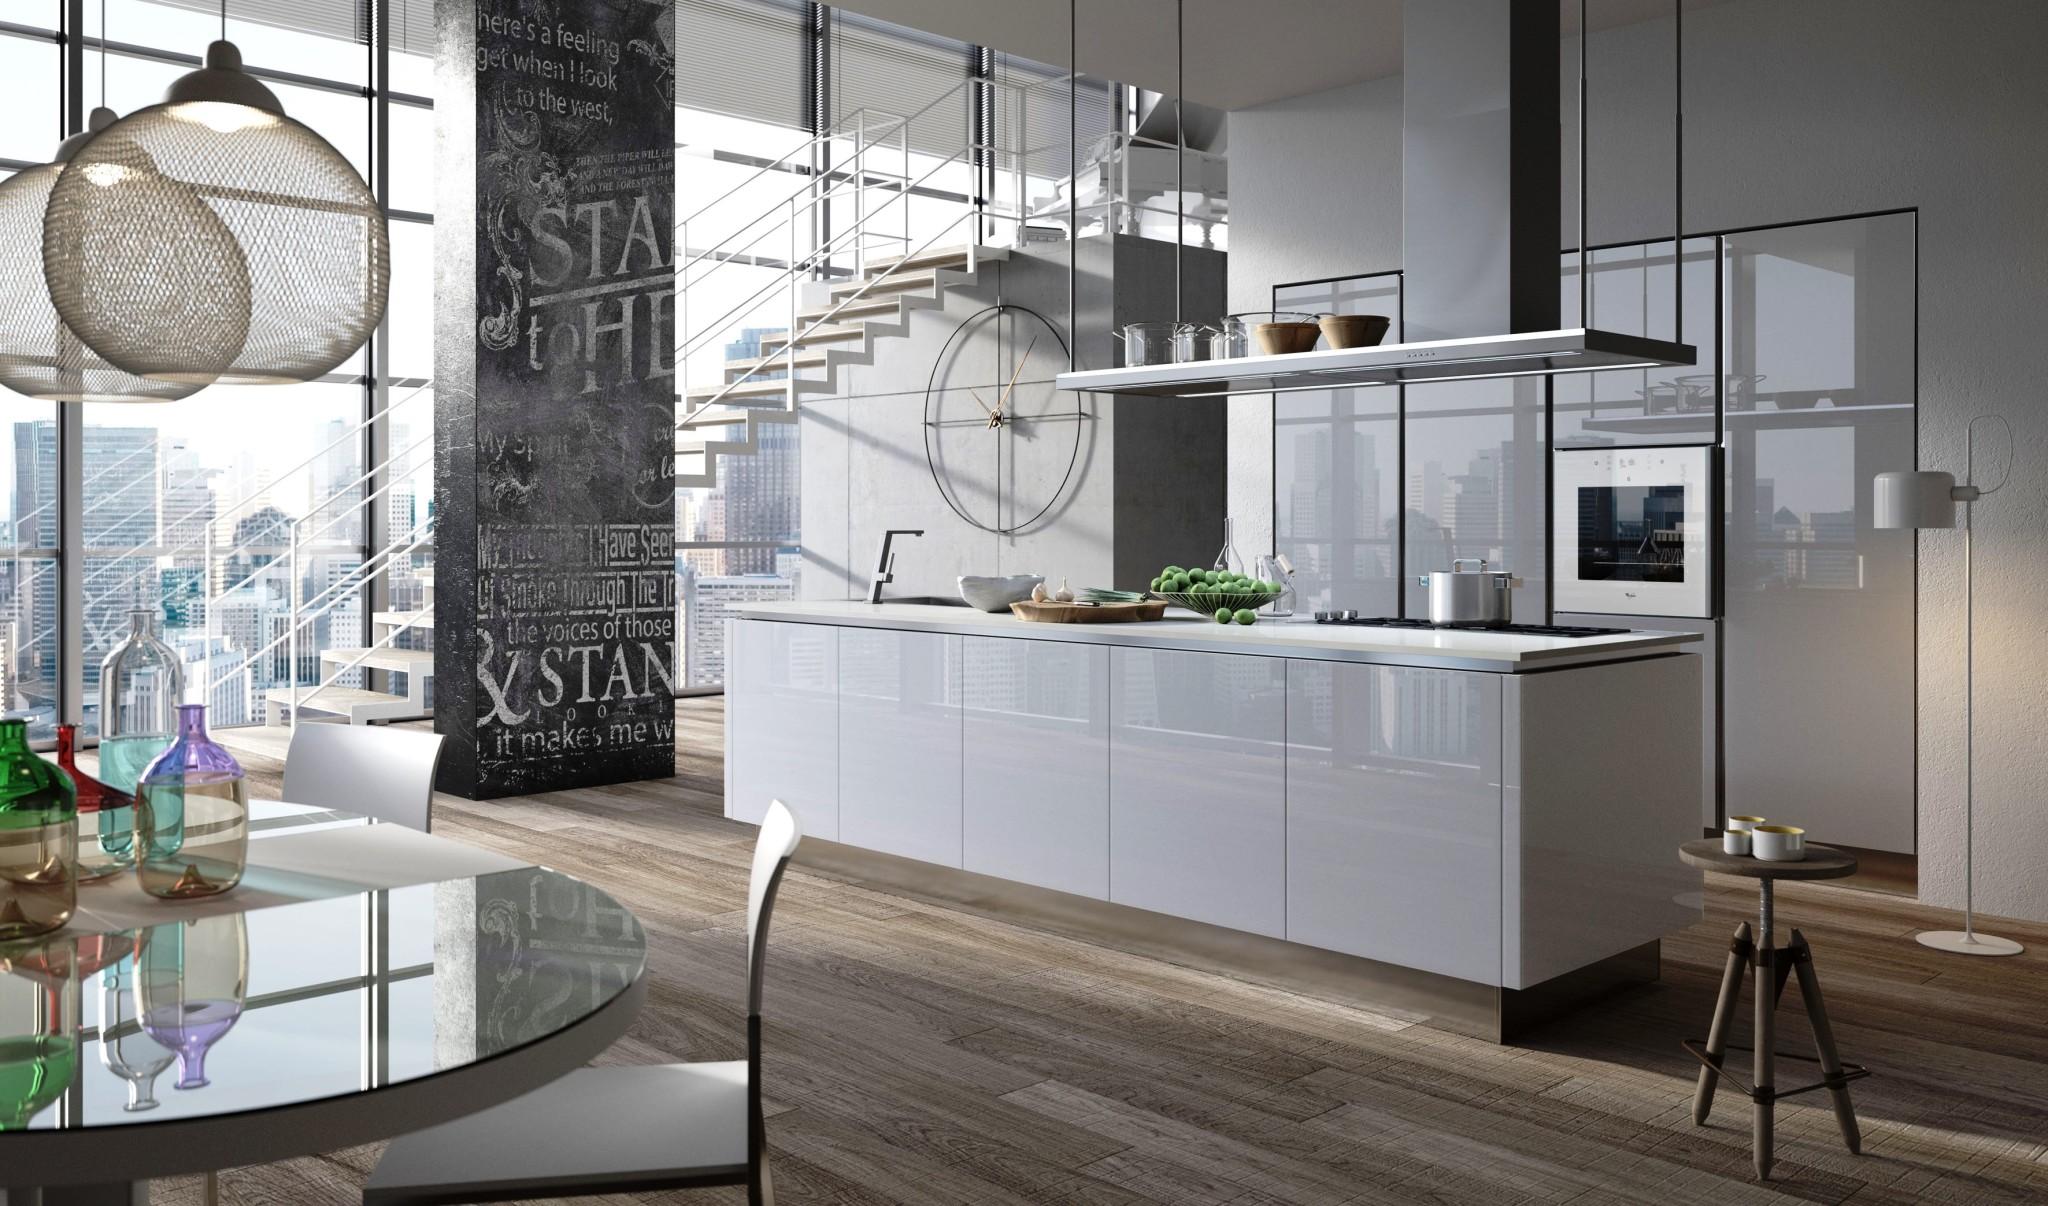 Aran cucine e fiditalia insieme per l acquisto della cucina buongiorno online - Cucine stosa opinioni 2016 ...